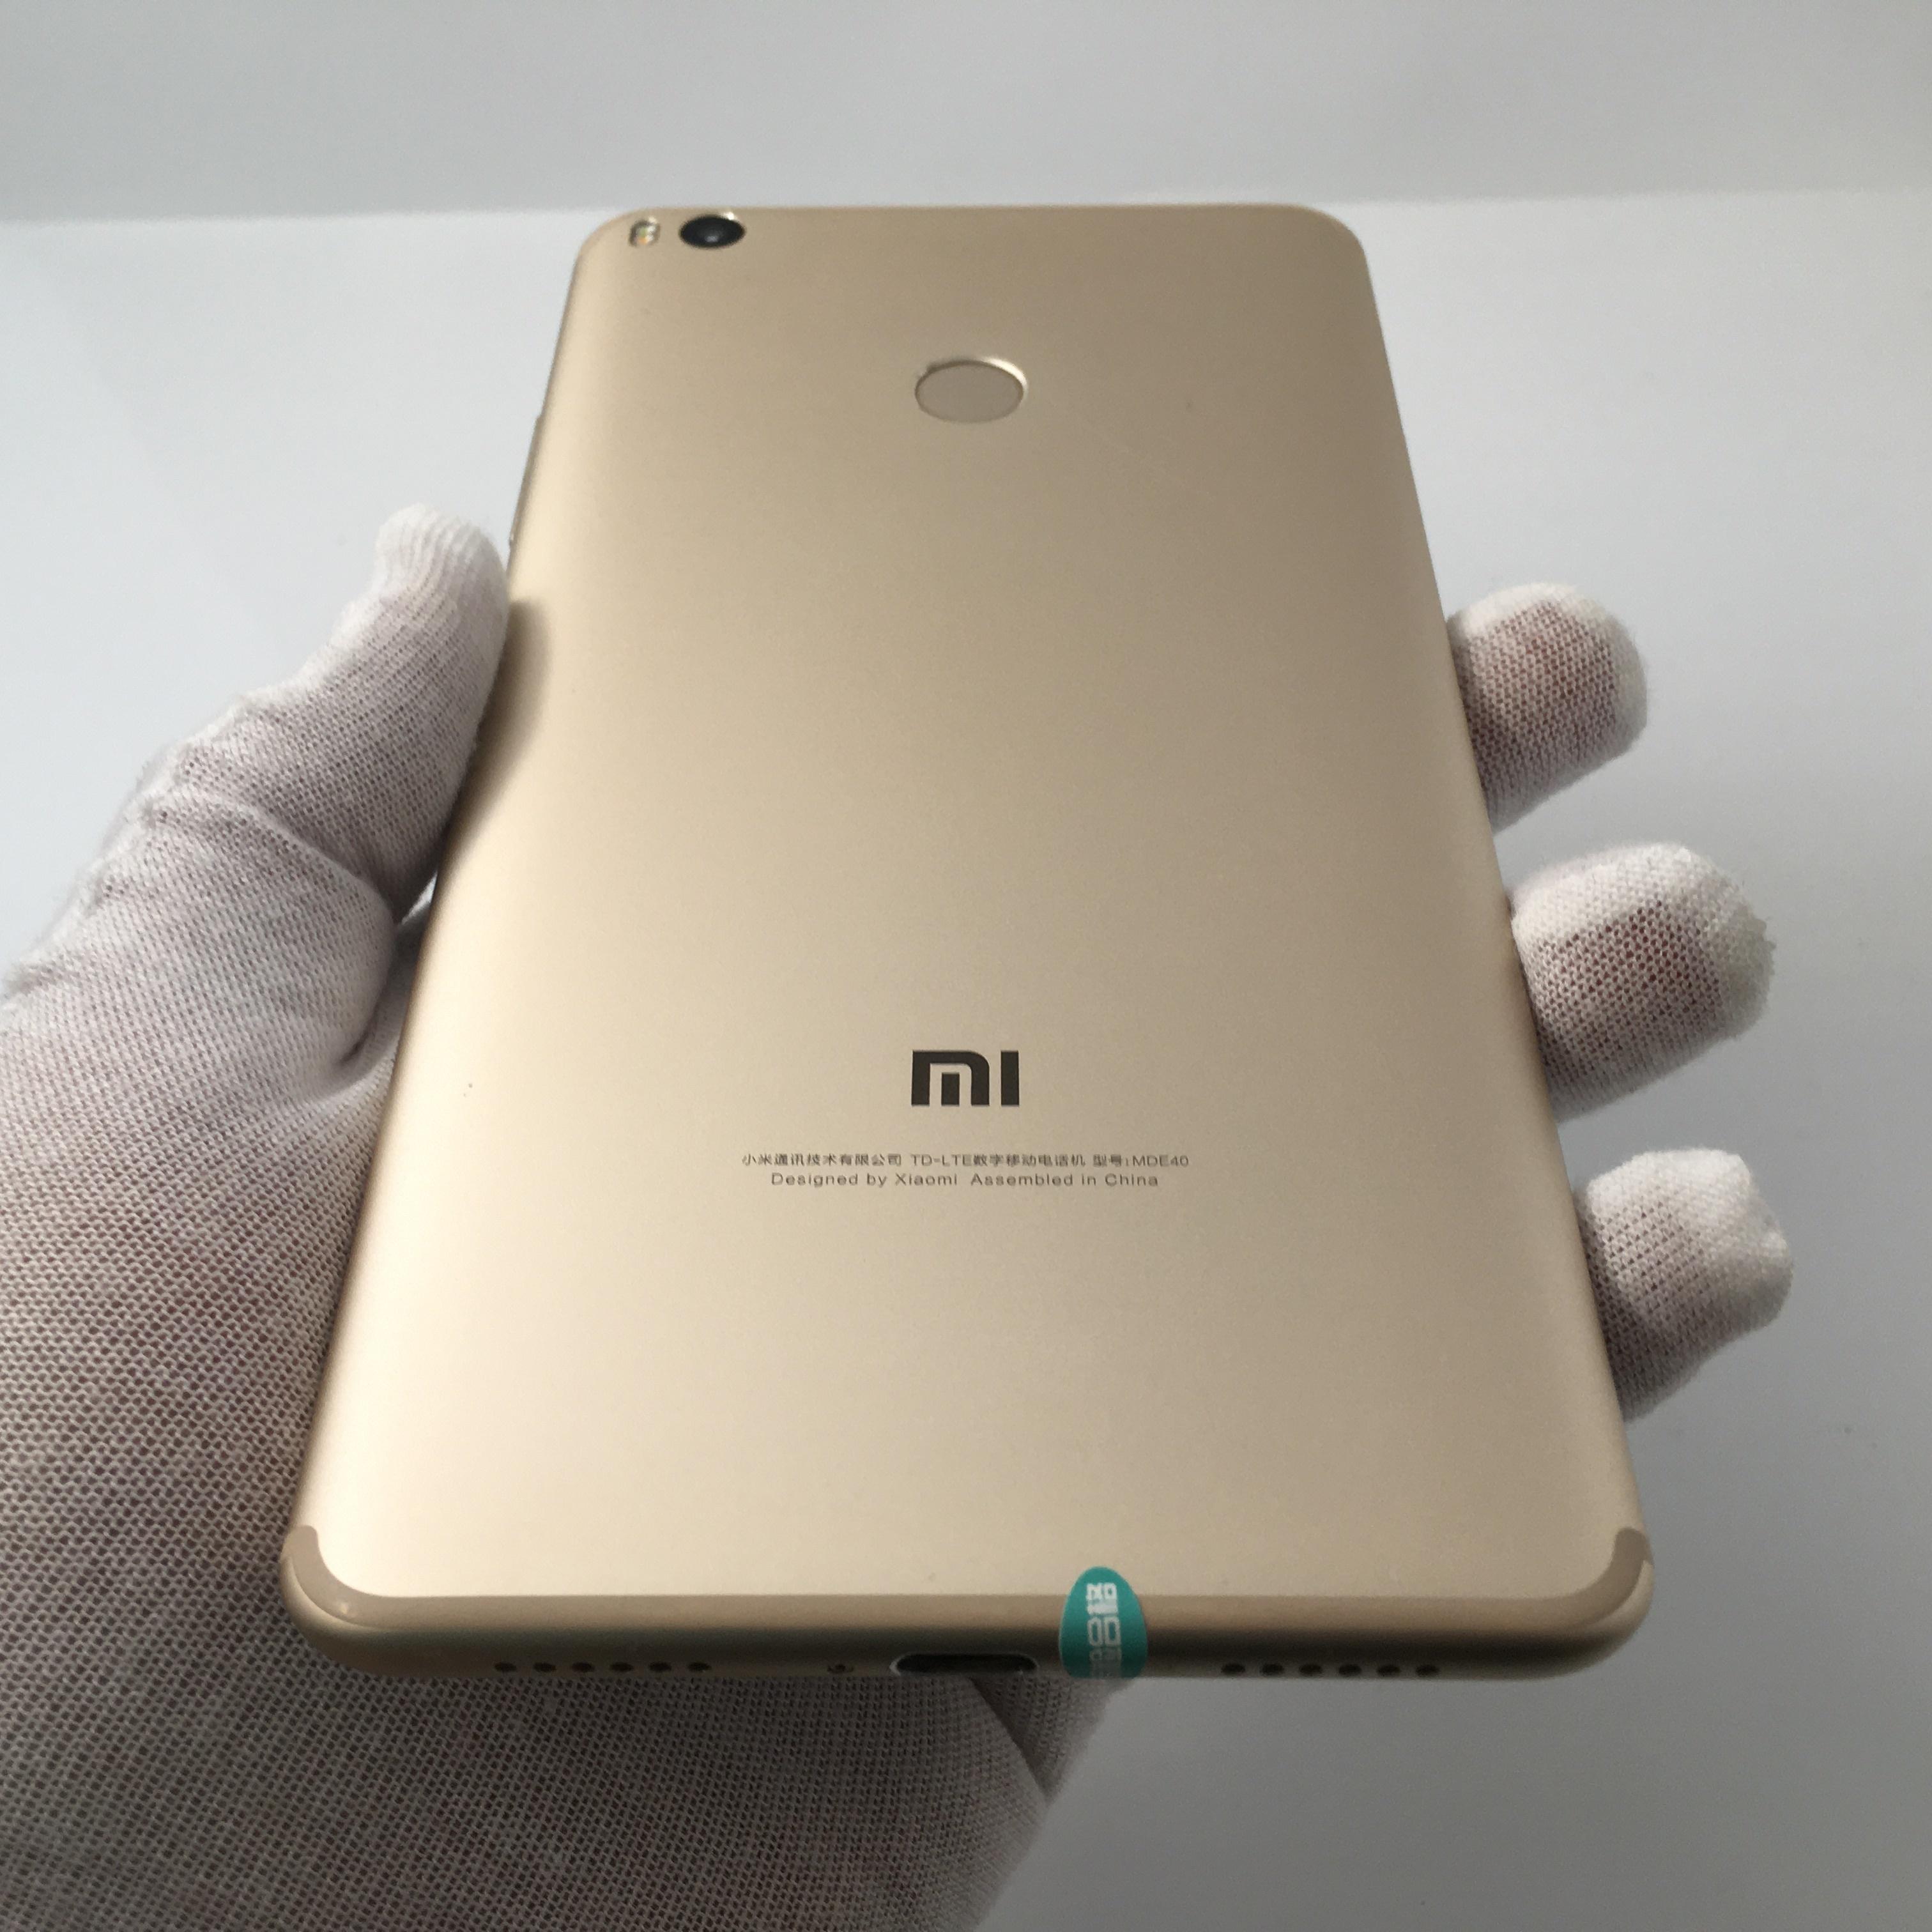 小米【小米 Max 2】全网通 金色 64G 国行 95新